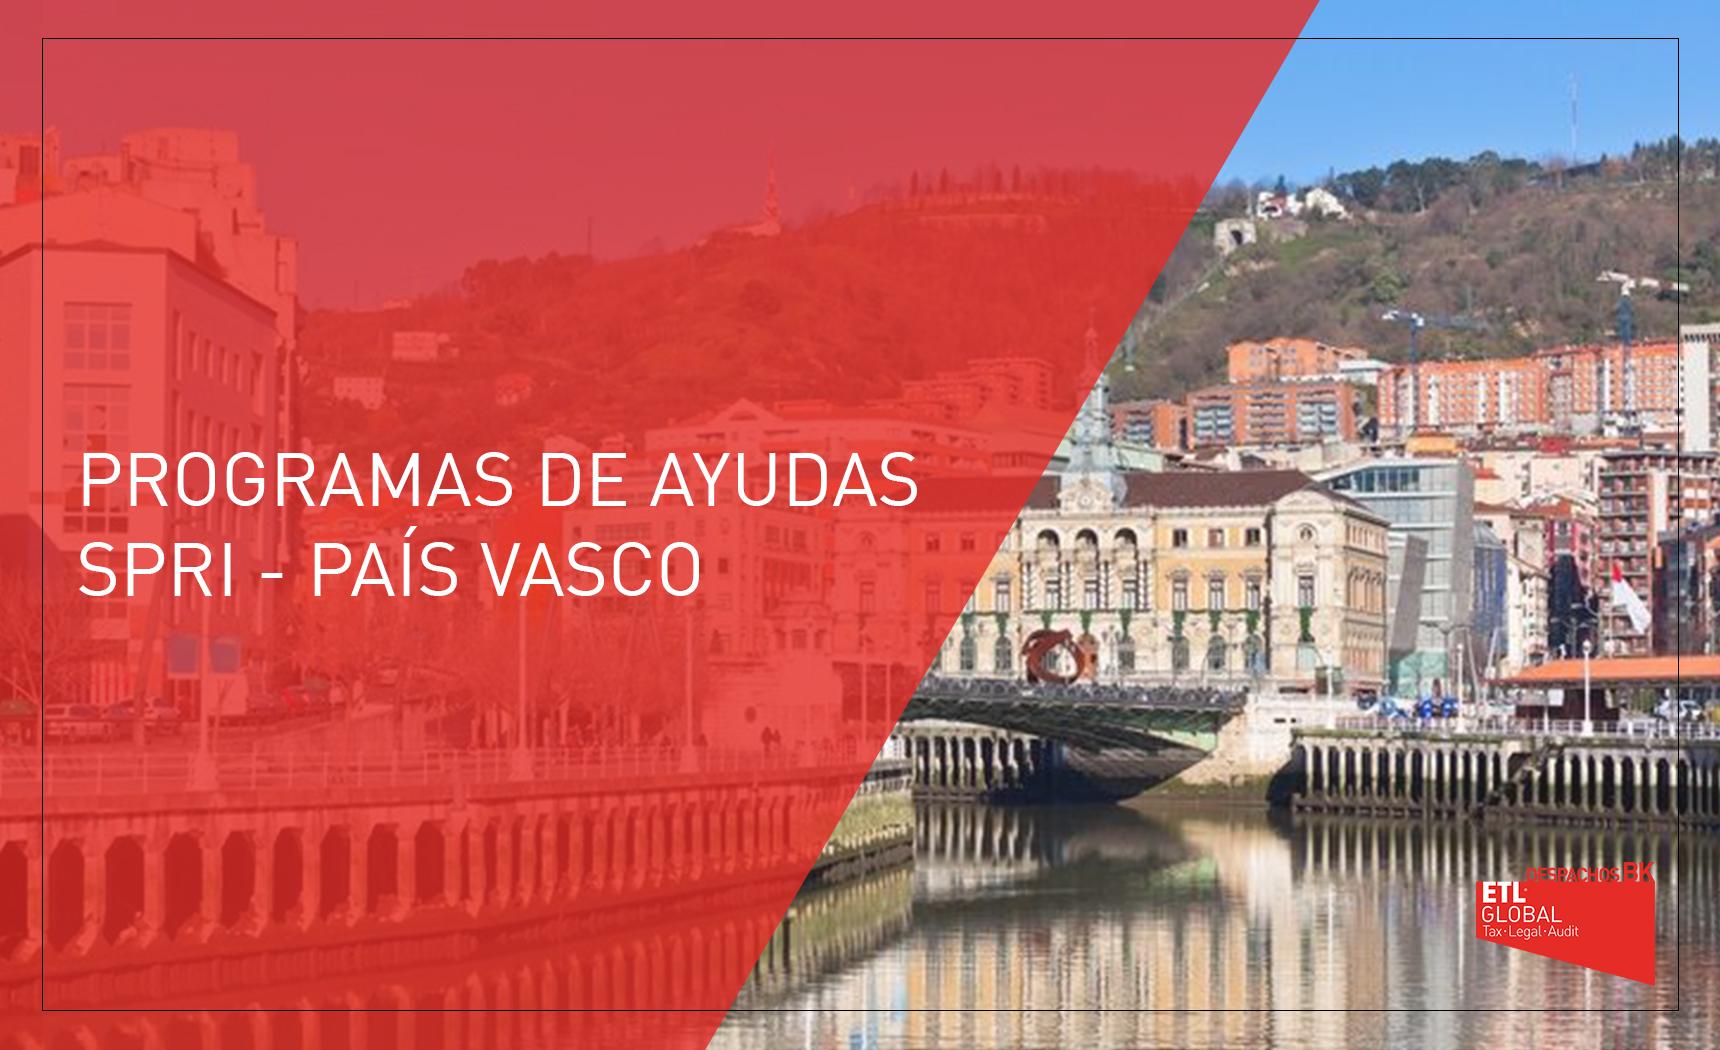 programas de ayuda SPRI - País vasco